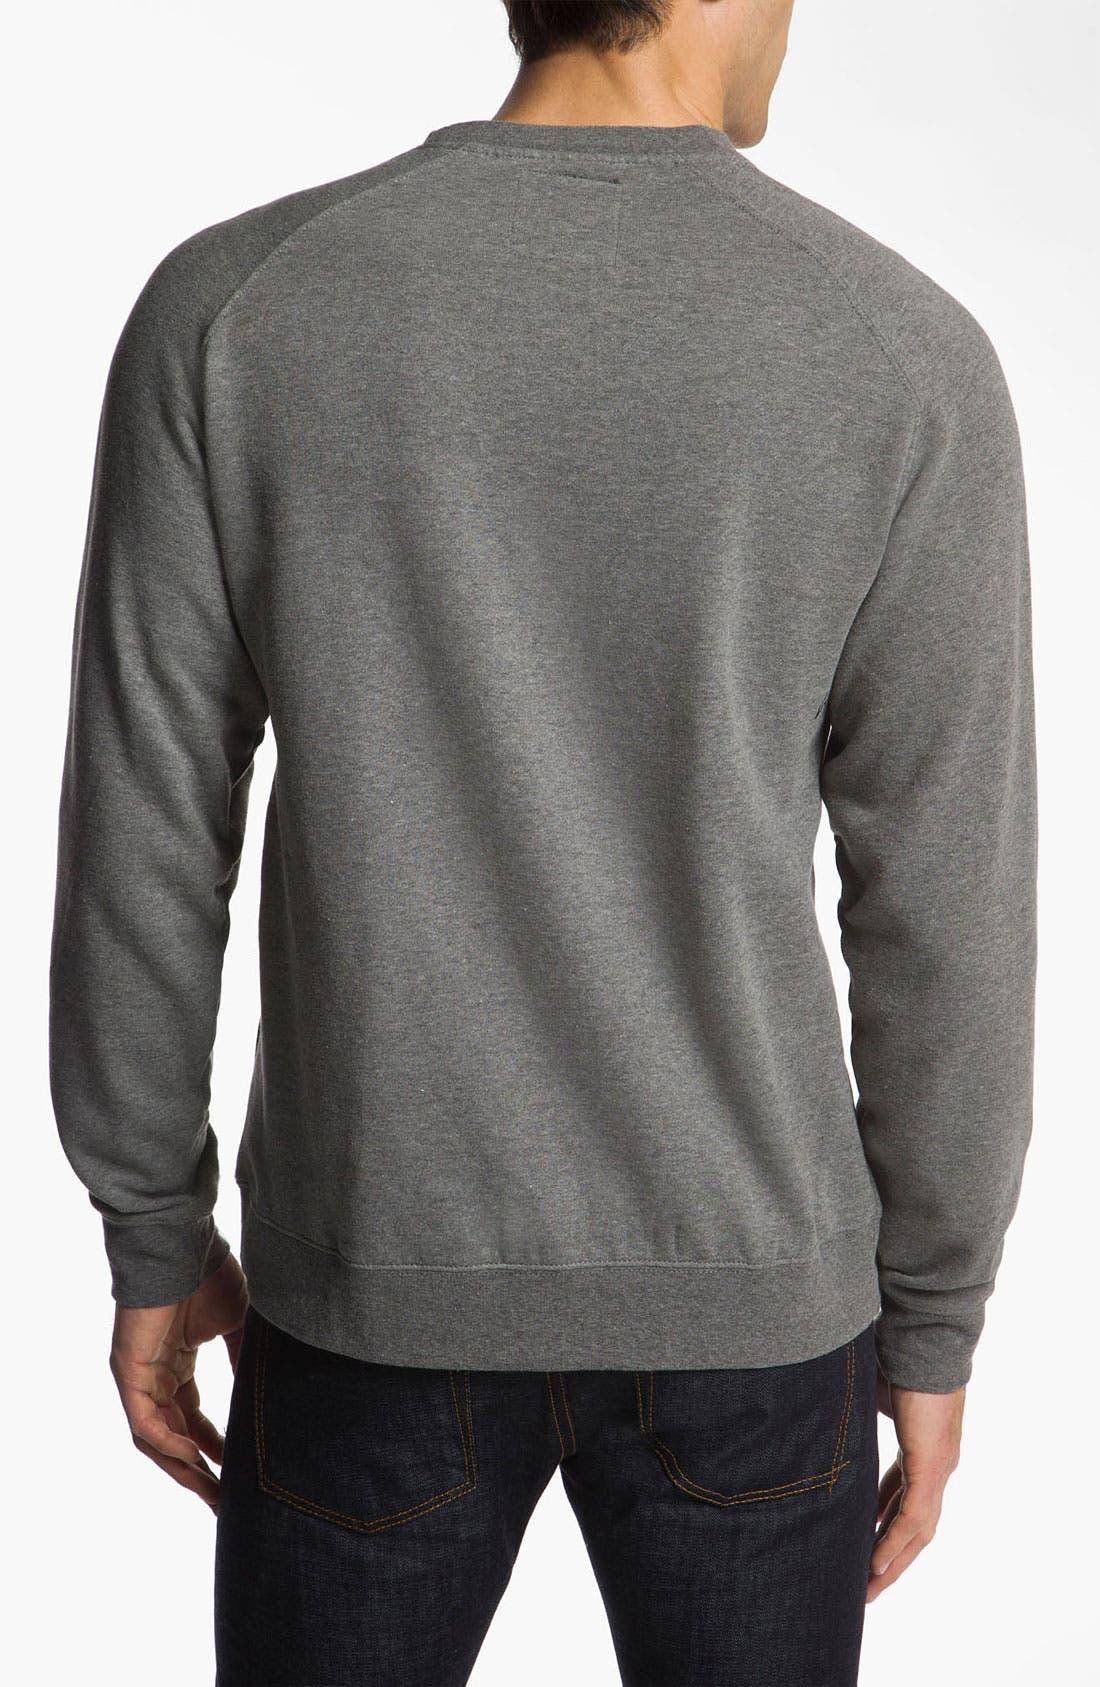 Alternate Image 2  - Katin 'Vintage Panel' Sweatshirt